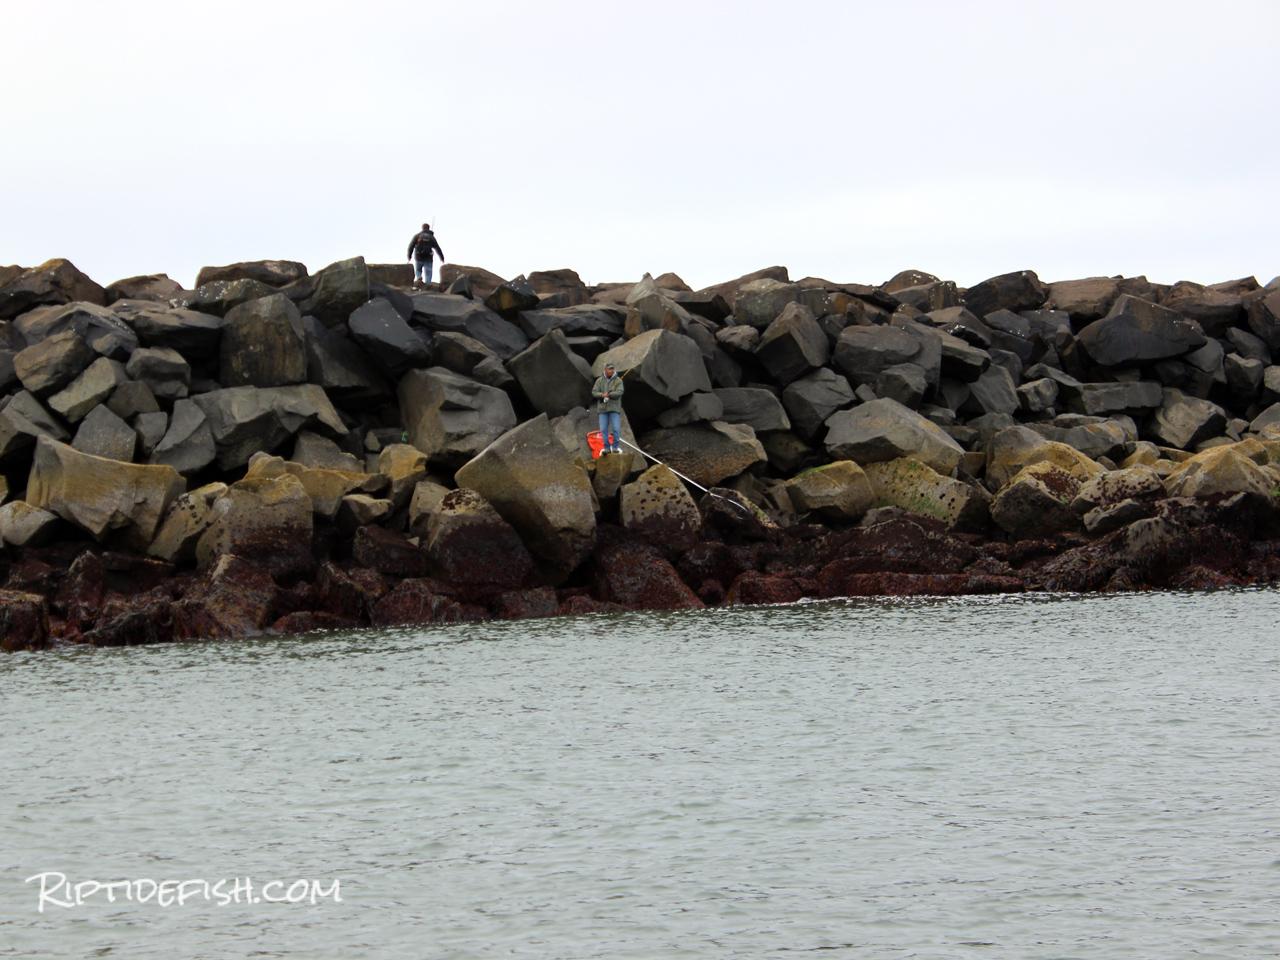 Washington Jetty Fishing Lingcod